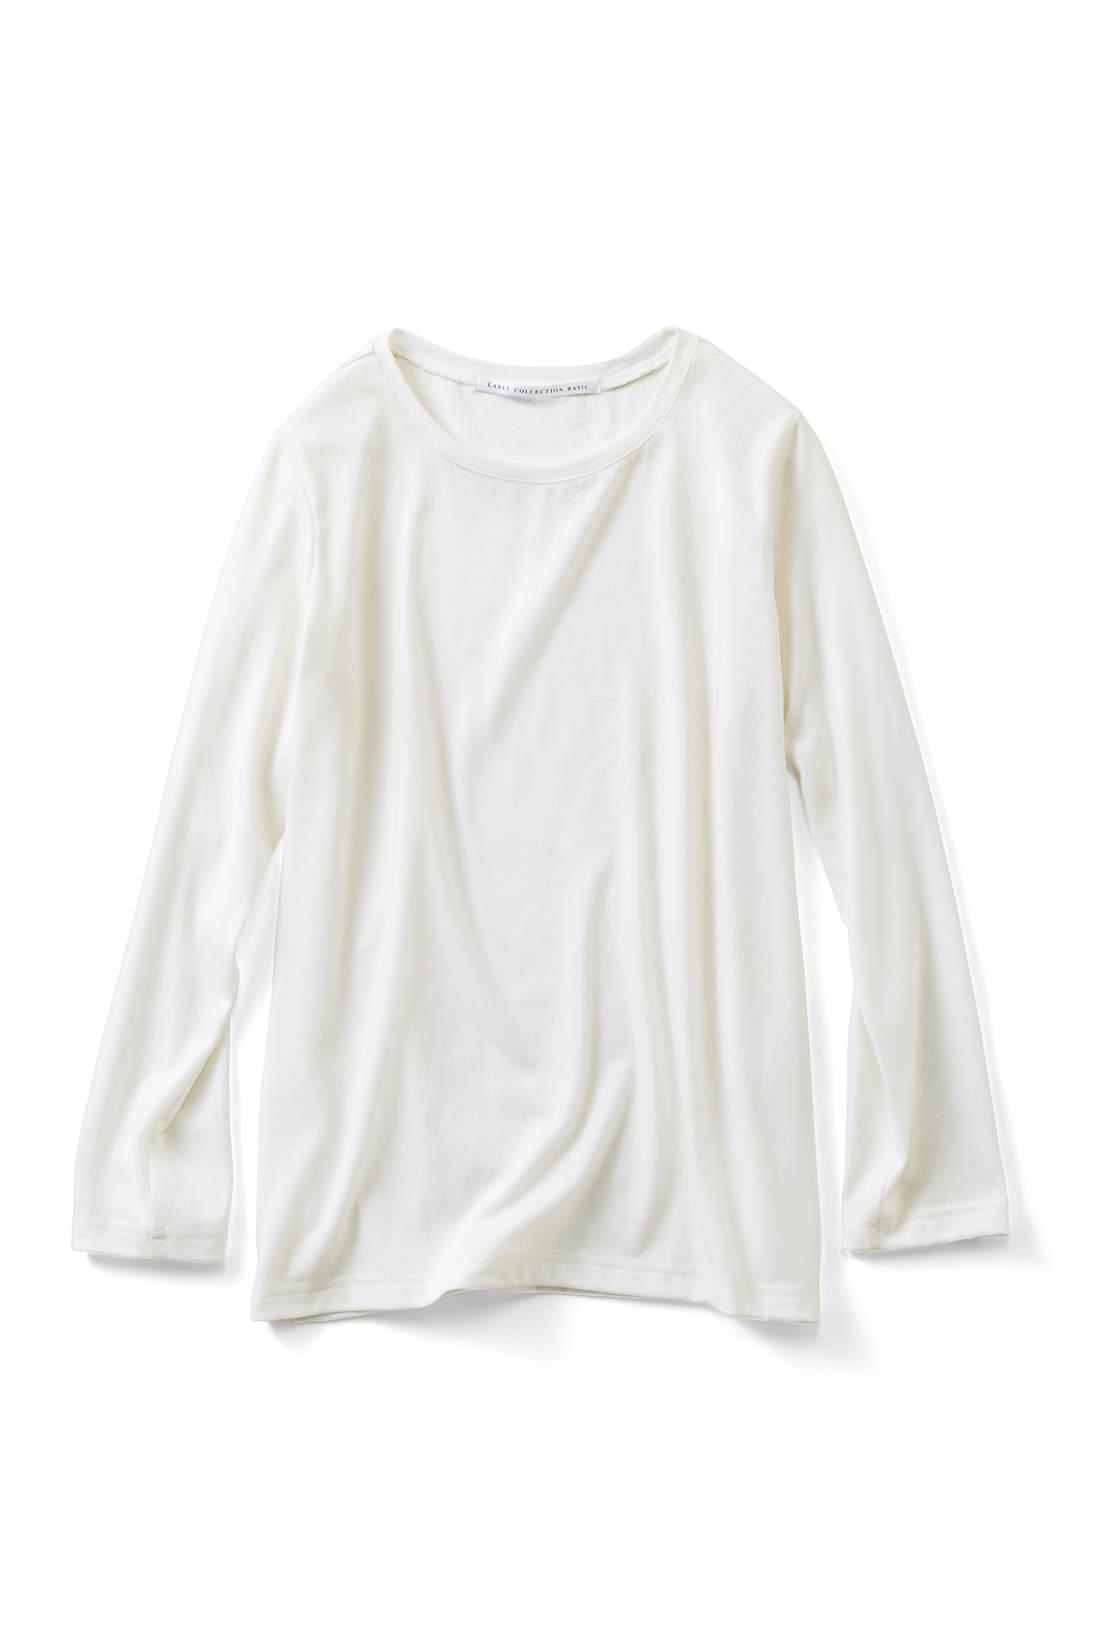 着まわし力抜群のTシャツ 詰まりぎみの首もとに仕上げました。パンツにも合わせやすい丈感で単品でも大活躍! 九分袖で華奢見せも◎。